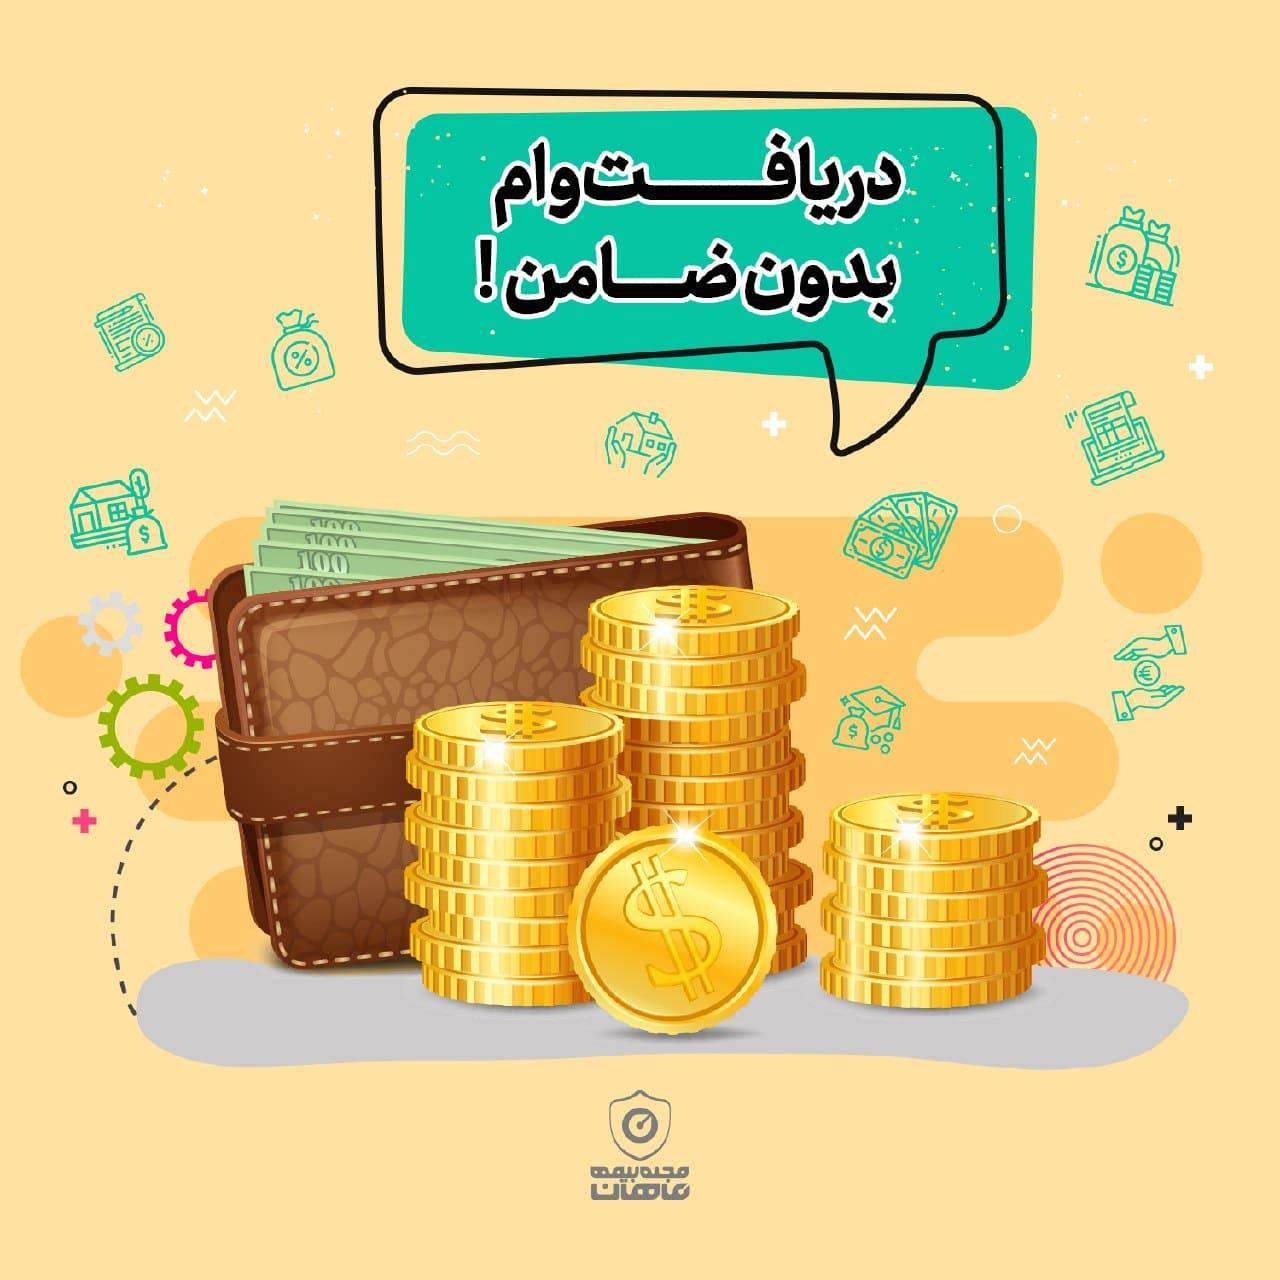 Photo of وام بدون ضامن و سود – شاهکار جدید بیمه! حتی تامین اجتماعی